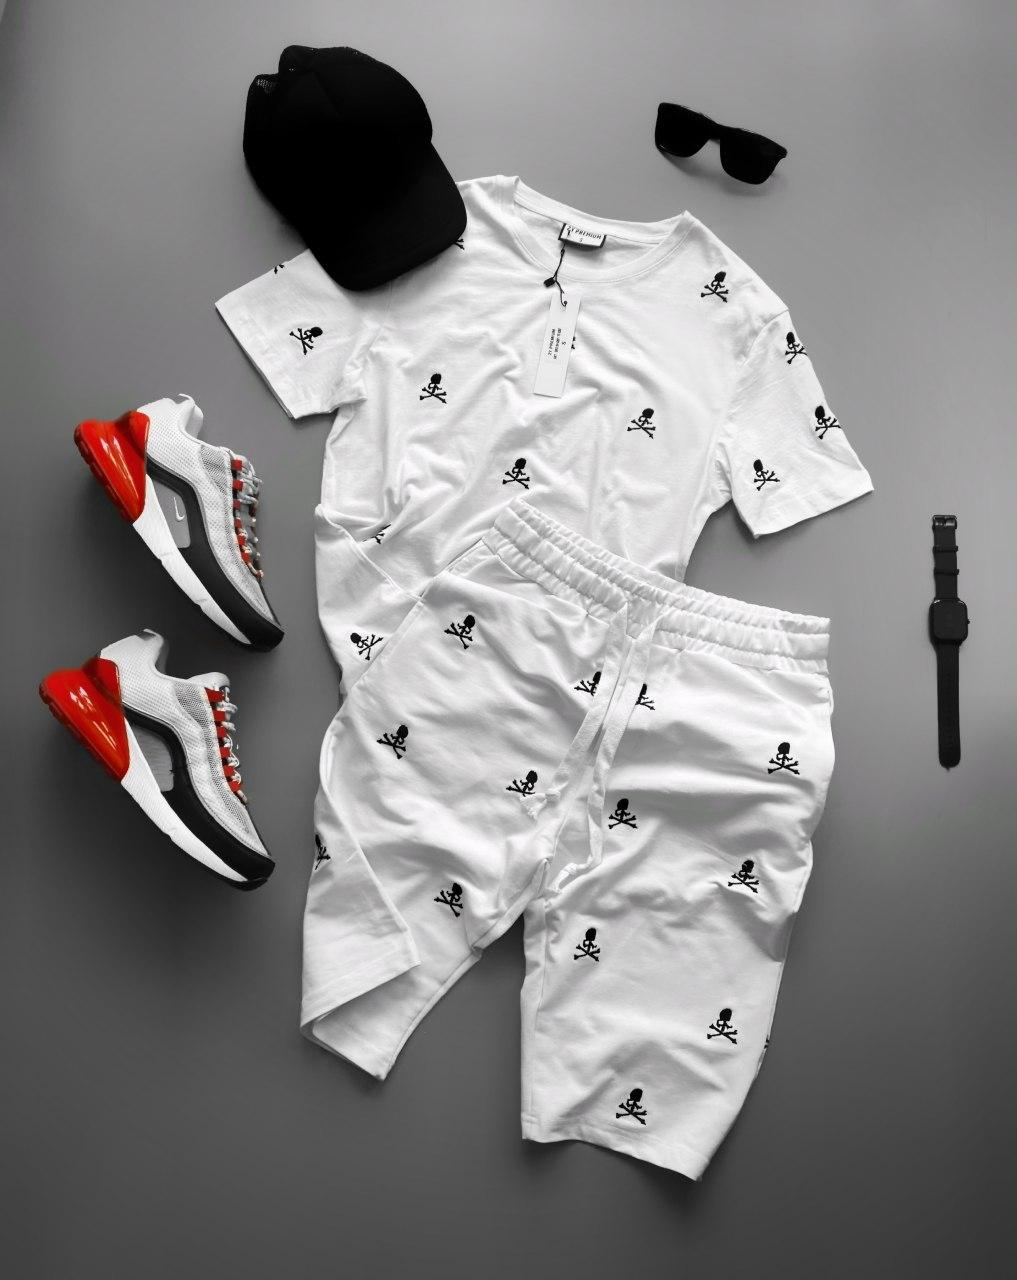 😜 Шорты - Мужской комплект шорты и футболка белого цвета с нашивками